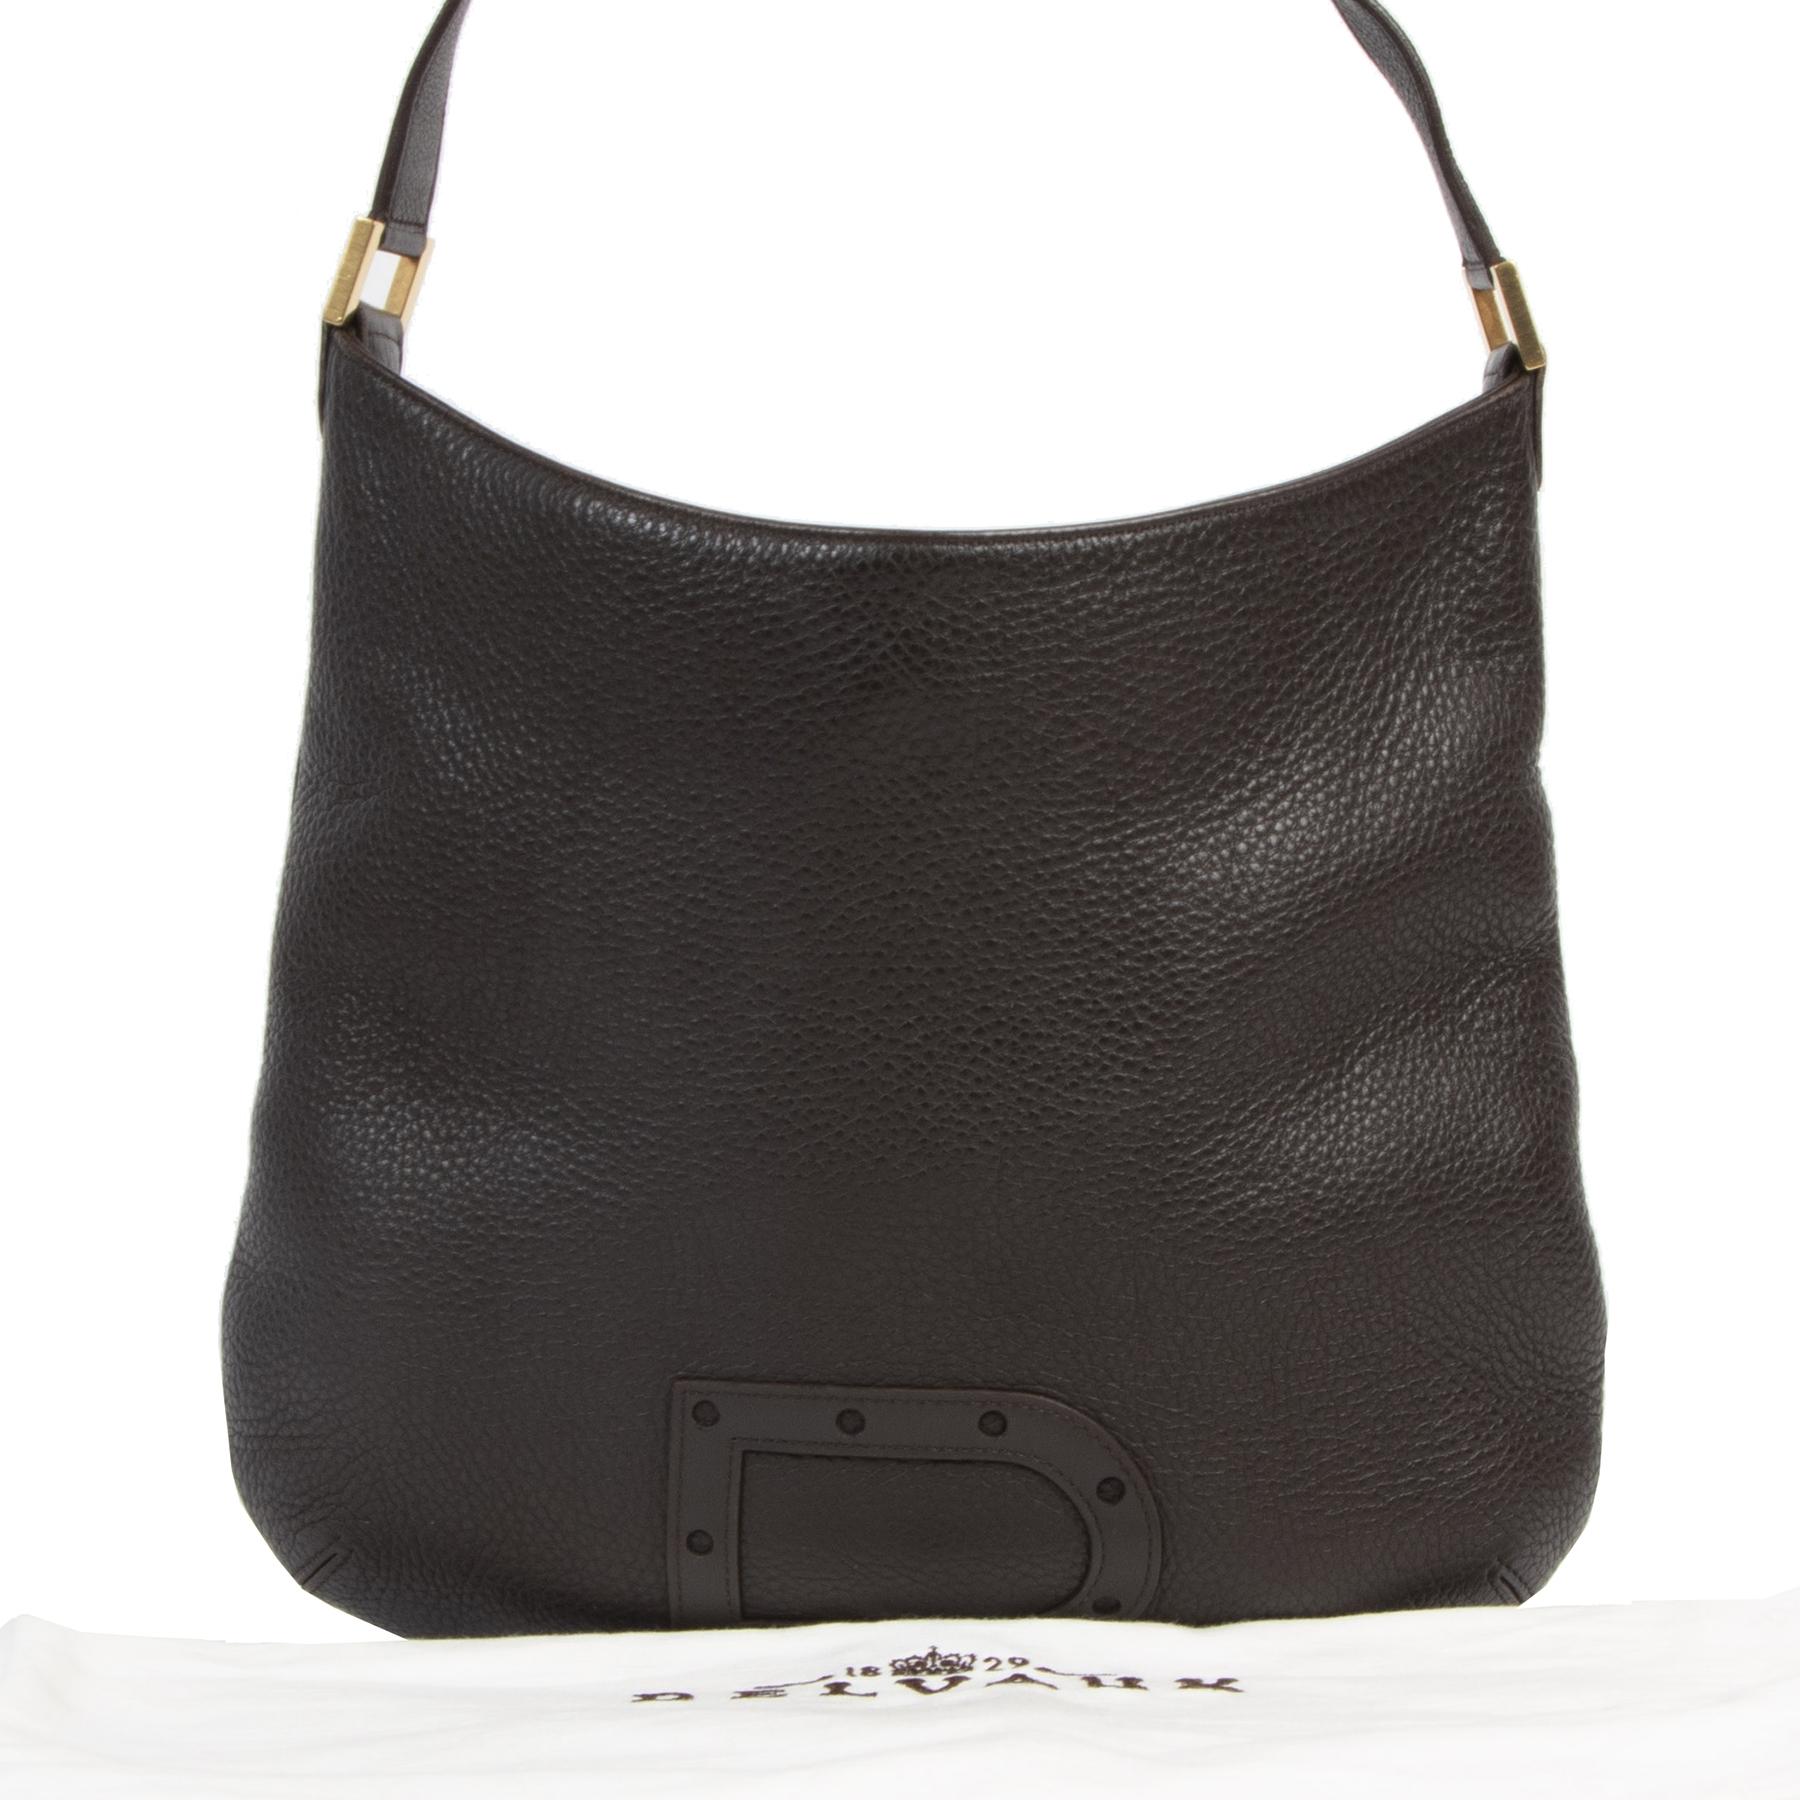 Delvaux Brown Le Louise PM Shoulder Bag